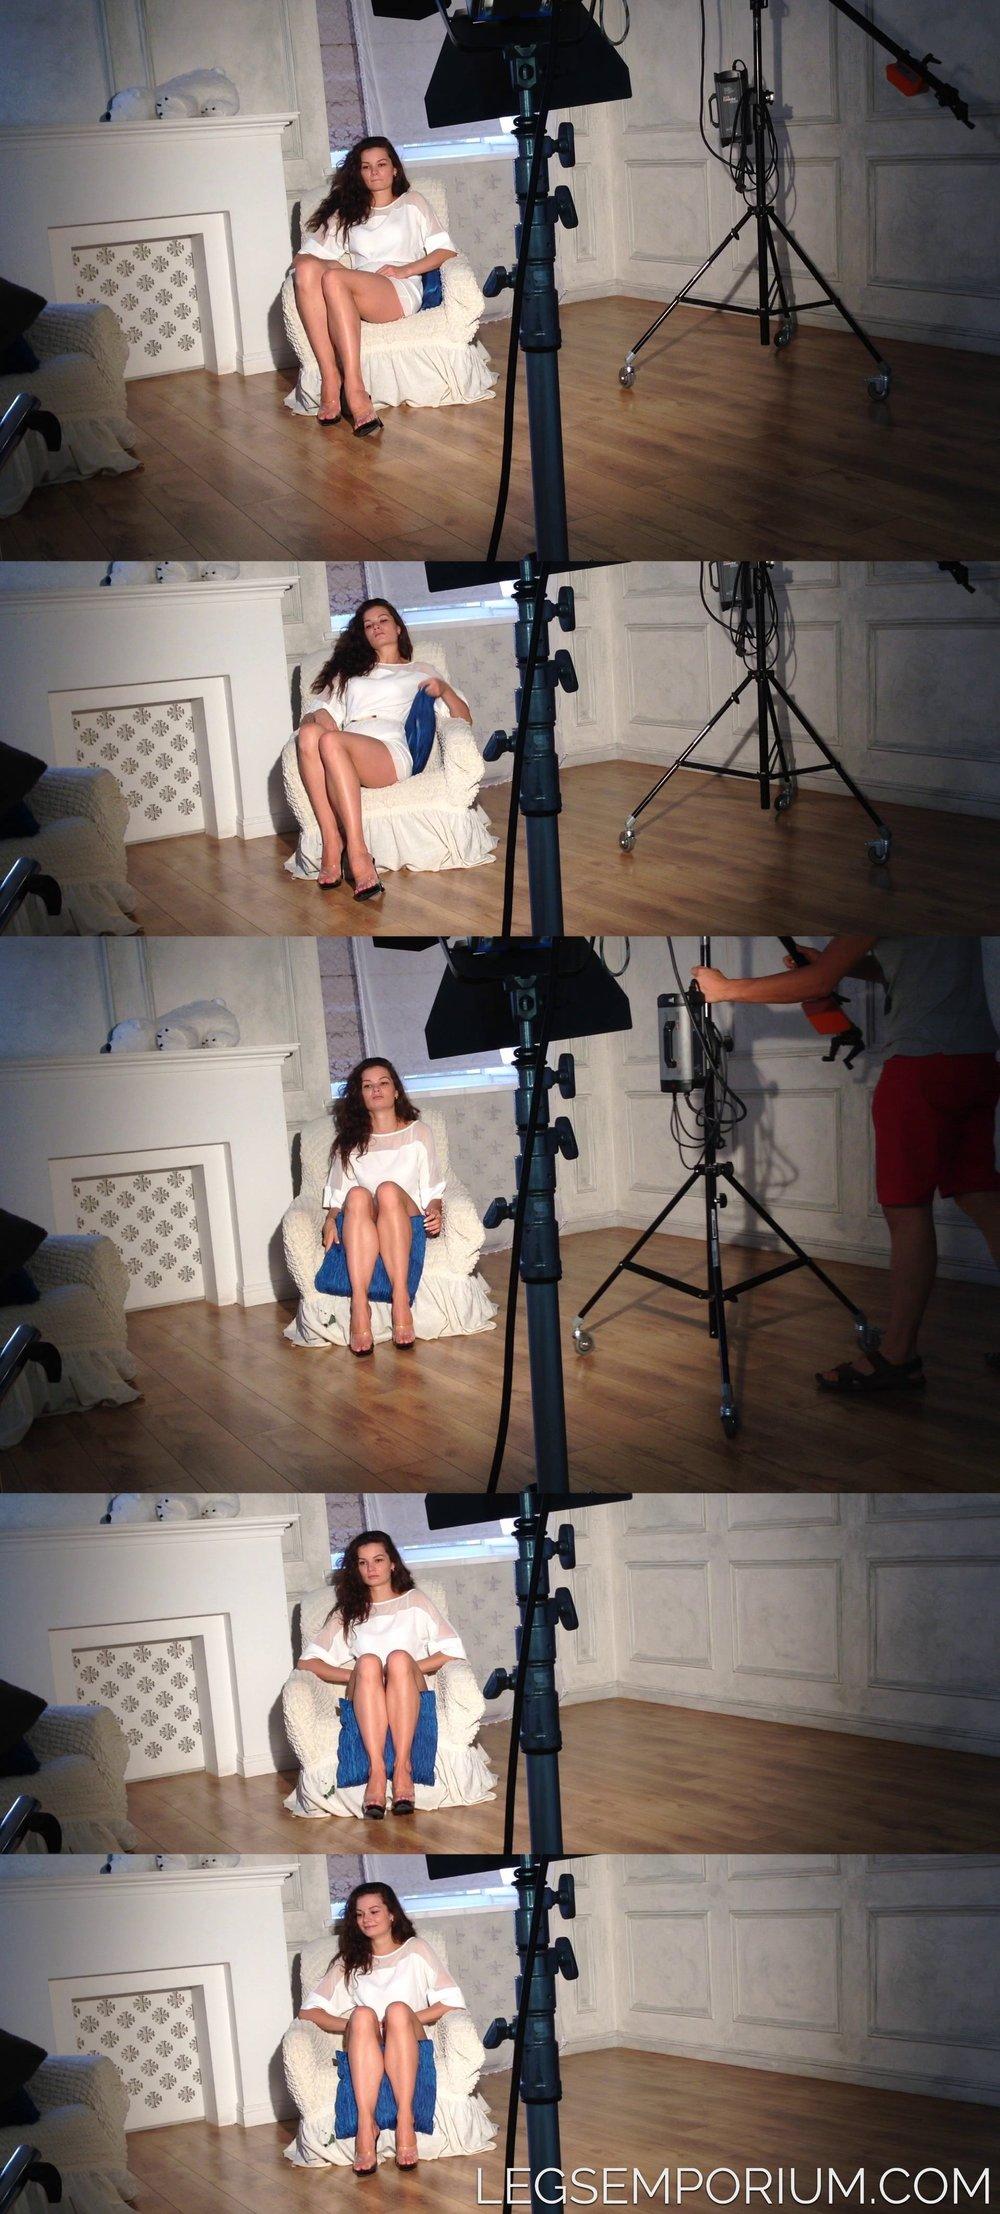 Elena_BehindtheScenes_LegsEmporium